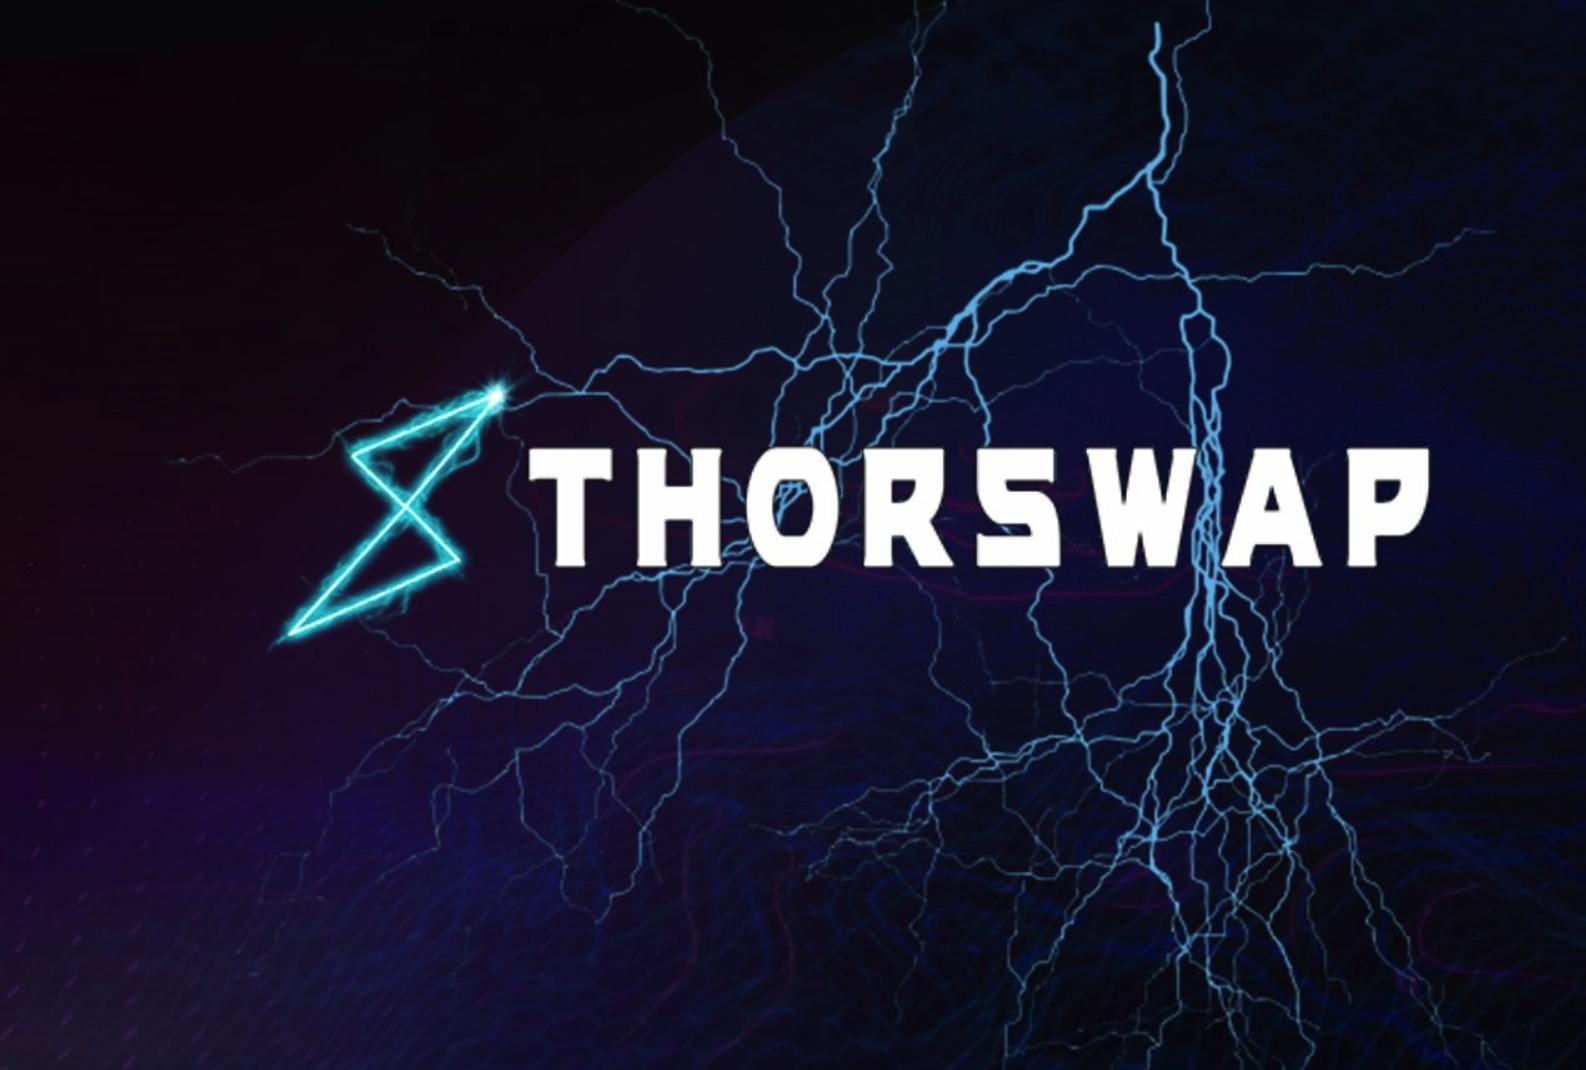 ThorSwap, Một Sàn Giao Dịch Phi Tập Trung được Xây Dựng Trên ThorChain, đã  Huy động được 3,75 Triệu đô La 10/10/2021